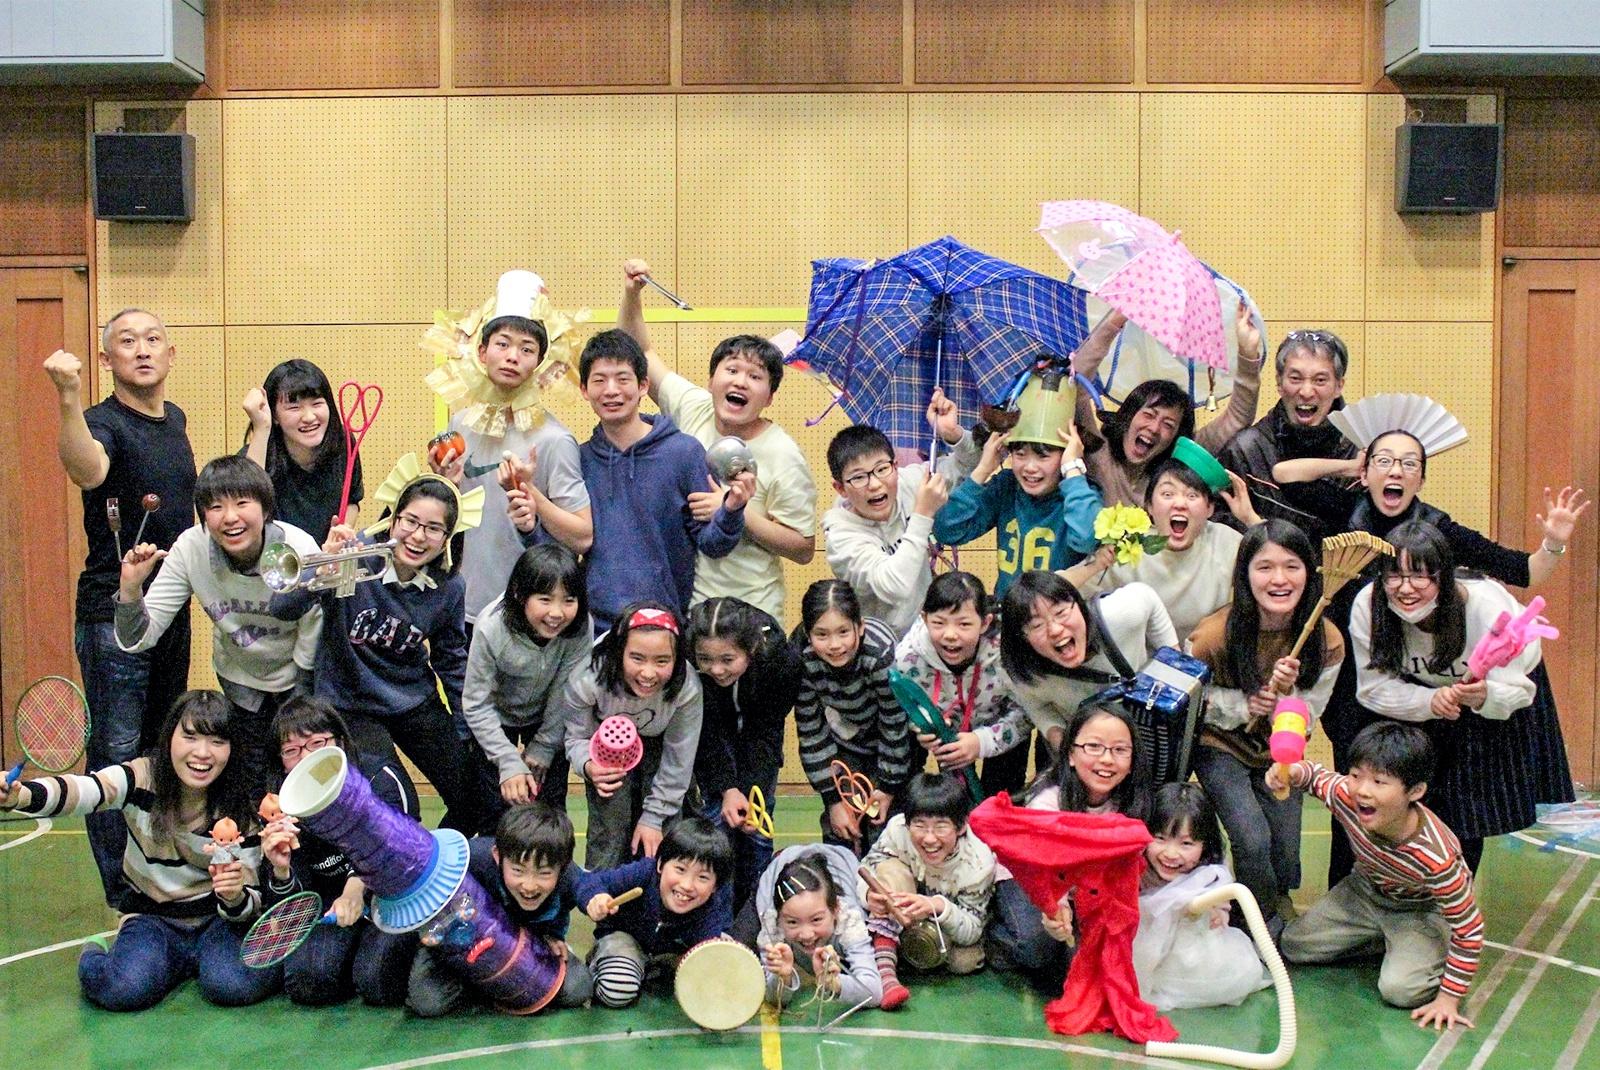 中島公園の歴史に触れる!妖怪に扮したパフォーマンス 中島公園百物語